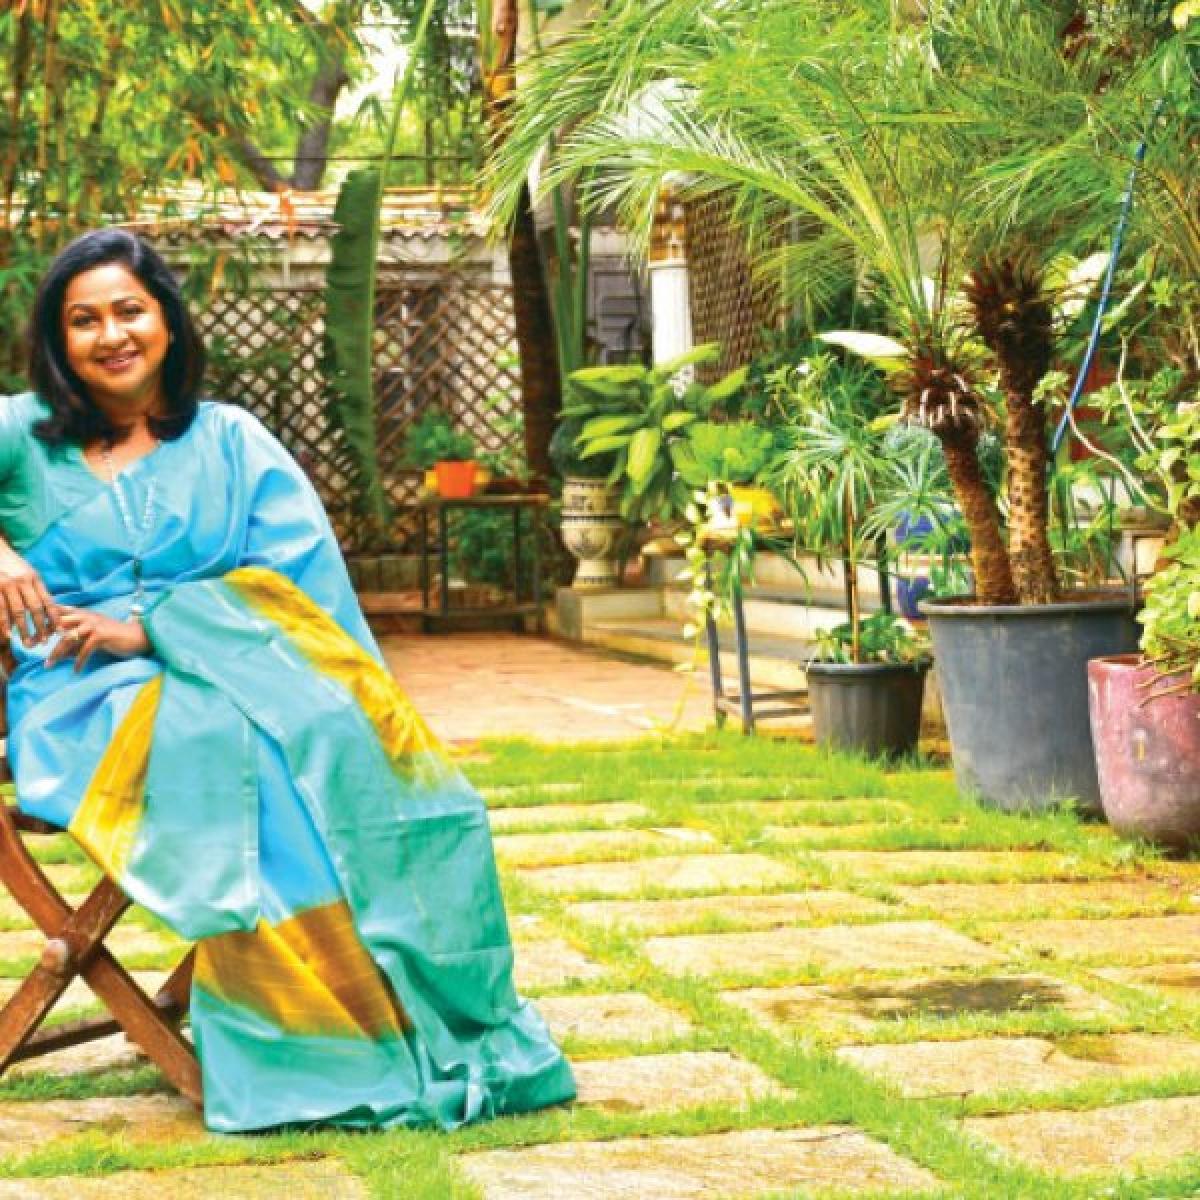 'ராதிகா'யணம் - நடிப்புப் பயணத்தில் 40 ஆண்டுகள்...